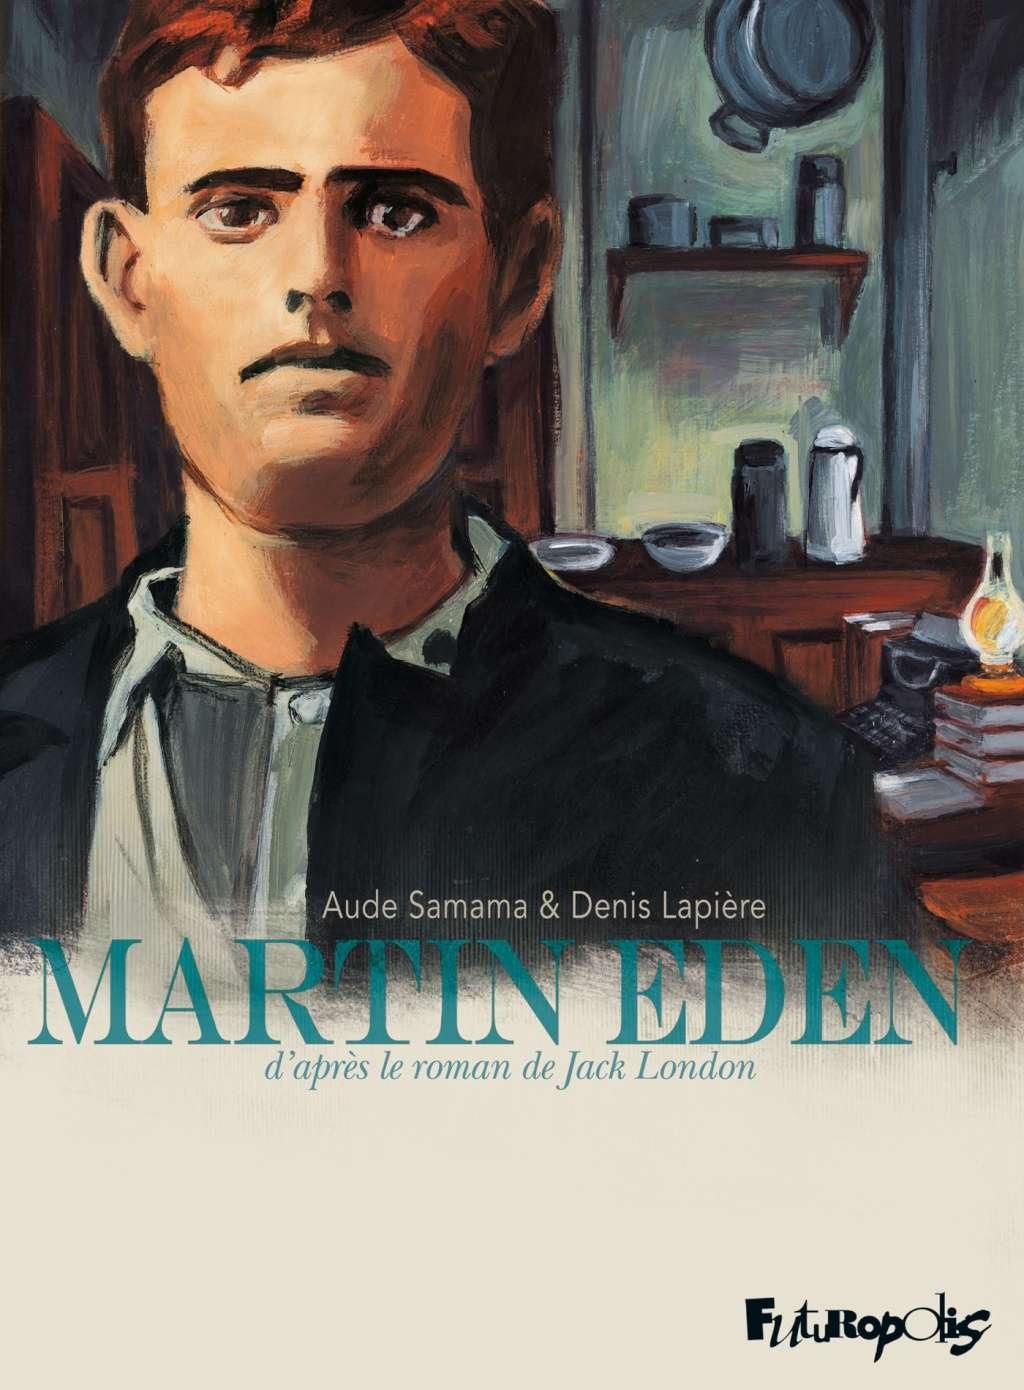 Bande dessinée et littérature Martin20